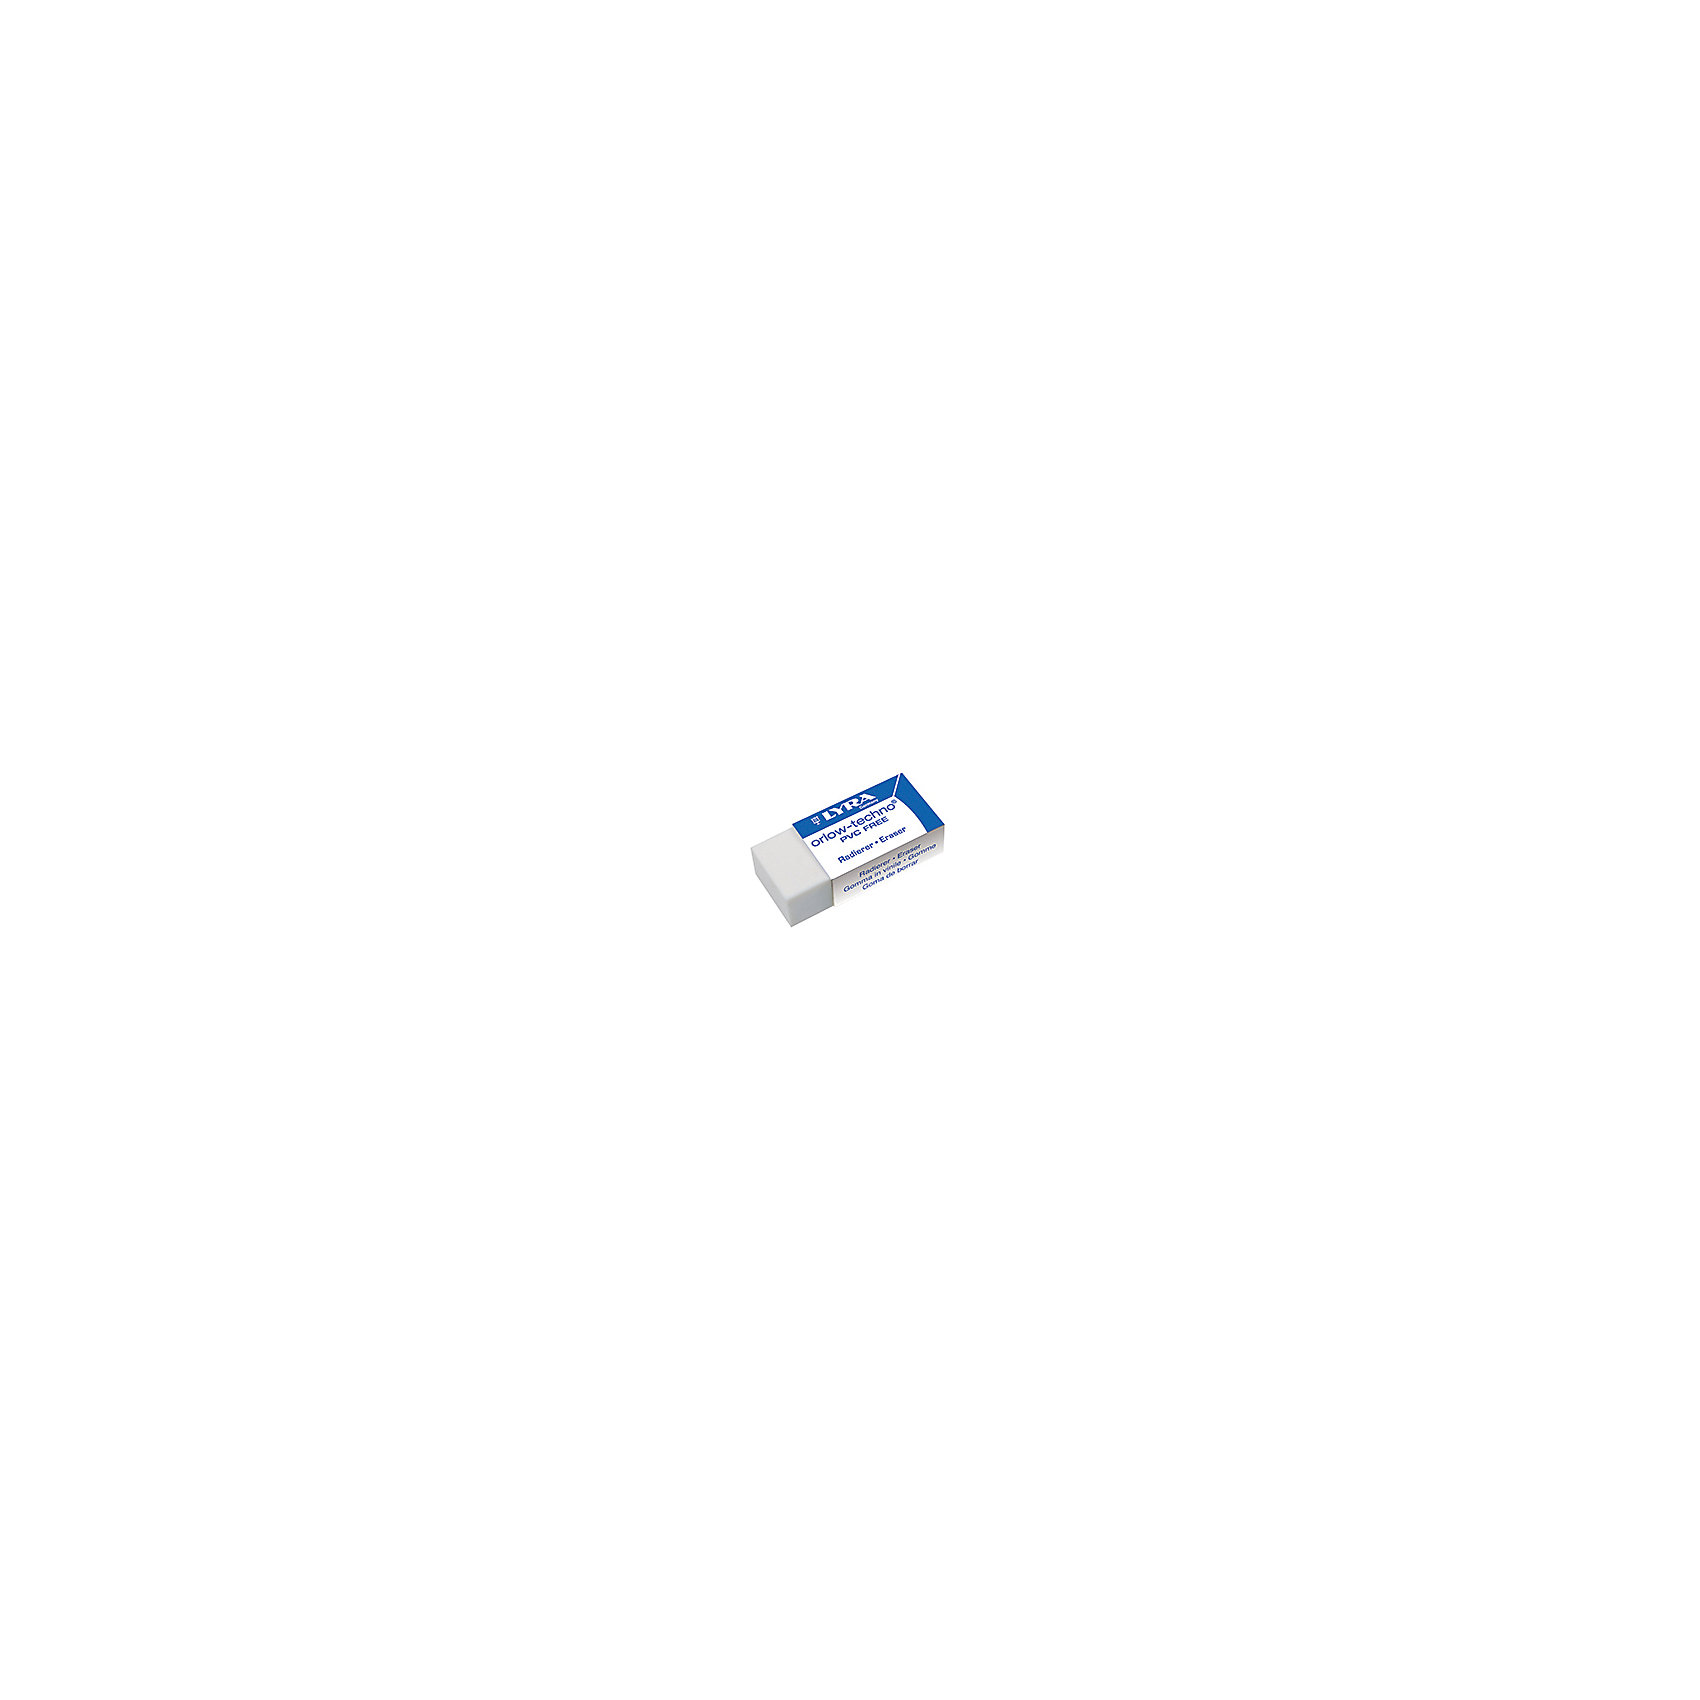 Пластиковый ластик для бумаги и фольги, LYRAЧертежные принадлежности<br>LYRA Ластик-мини пластиковый для бумаги и фольги, не оставляет следов, самоочищающийся 48*18*11 мм. В коробках по 30  шт. Отгружается кратно коробке. Цена за 1 шт.<br><br>Ширина мм: 27<br>Глубина мм: 104<br>Высота мм: 128<br>Вес г: 16<br>Возраст от месяцев: 36<br>Возраст до месяцев: 84<br>Пол: Унисекс<br>Возраст: Детский<br>SKU: 5124967